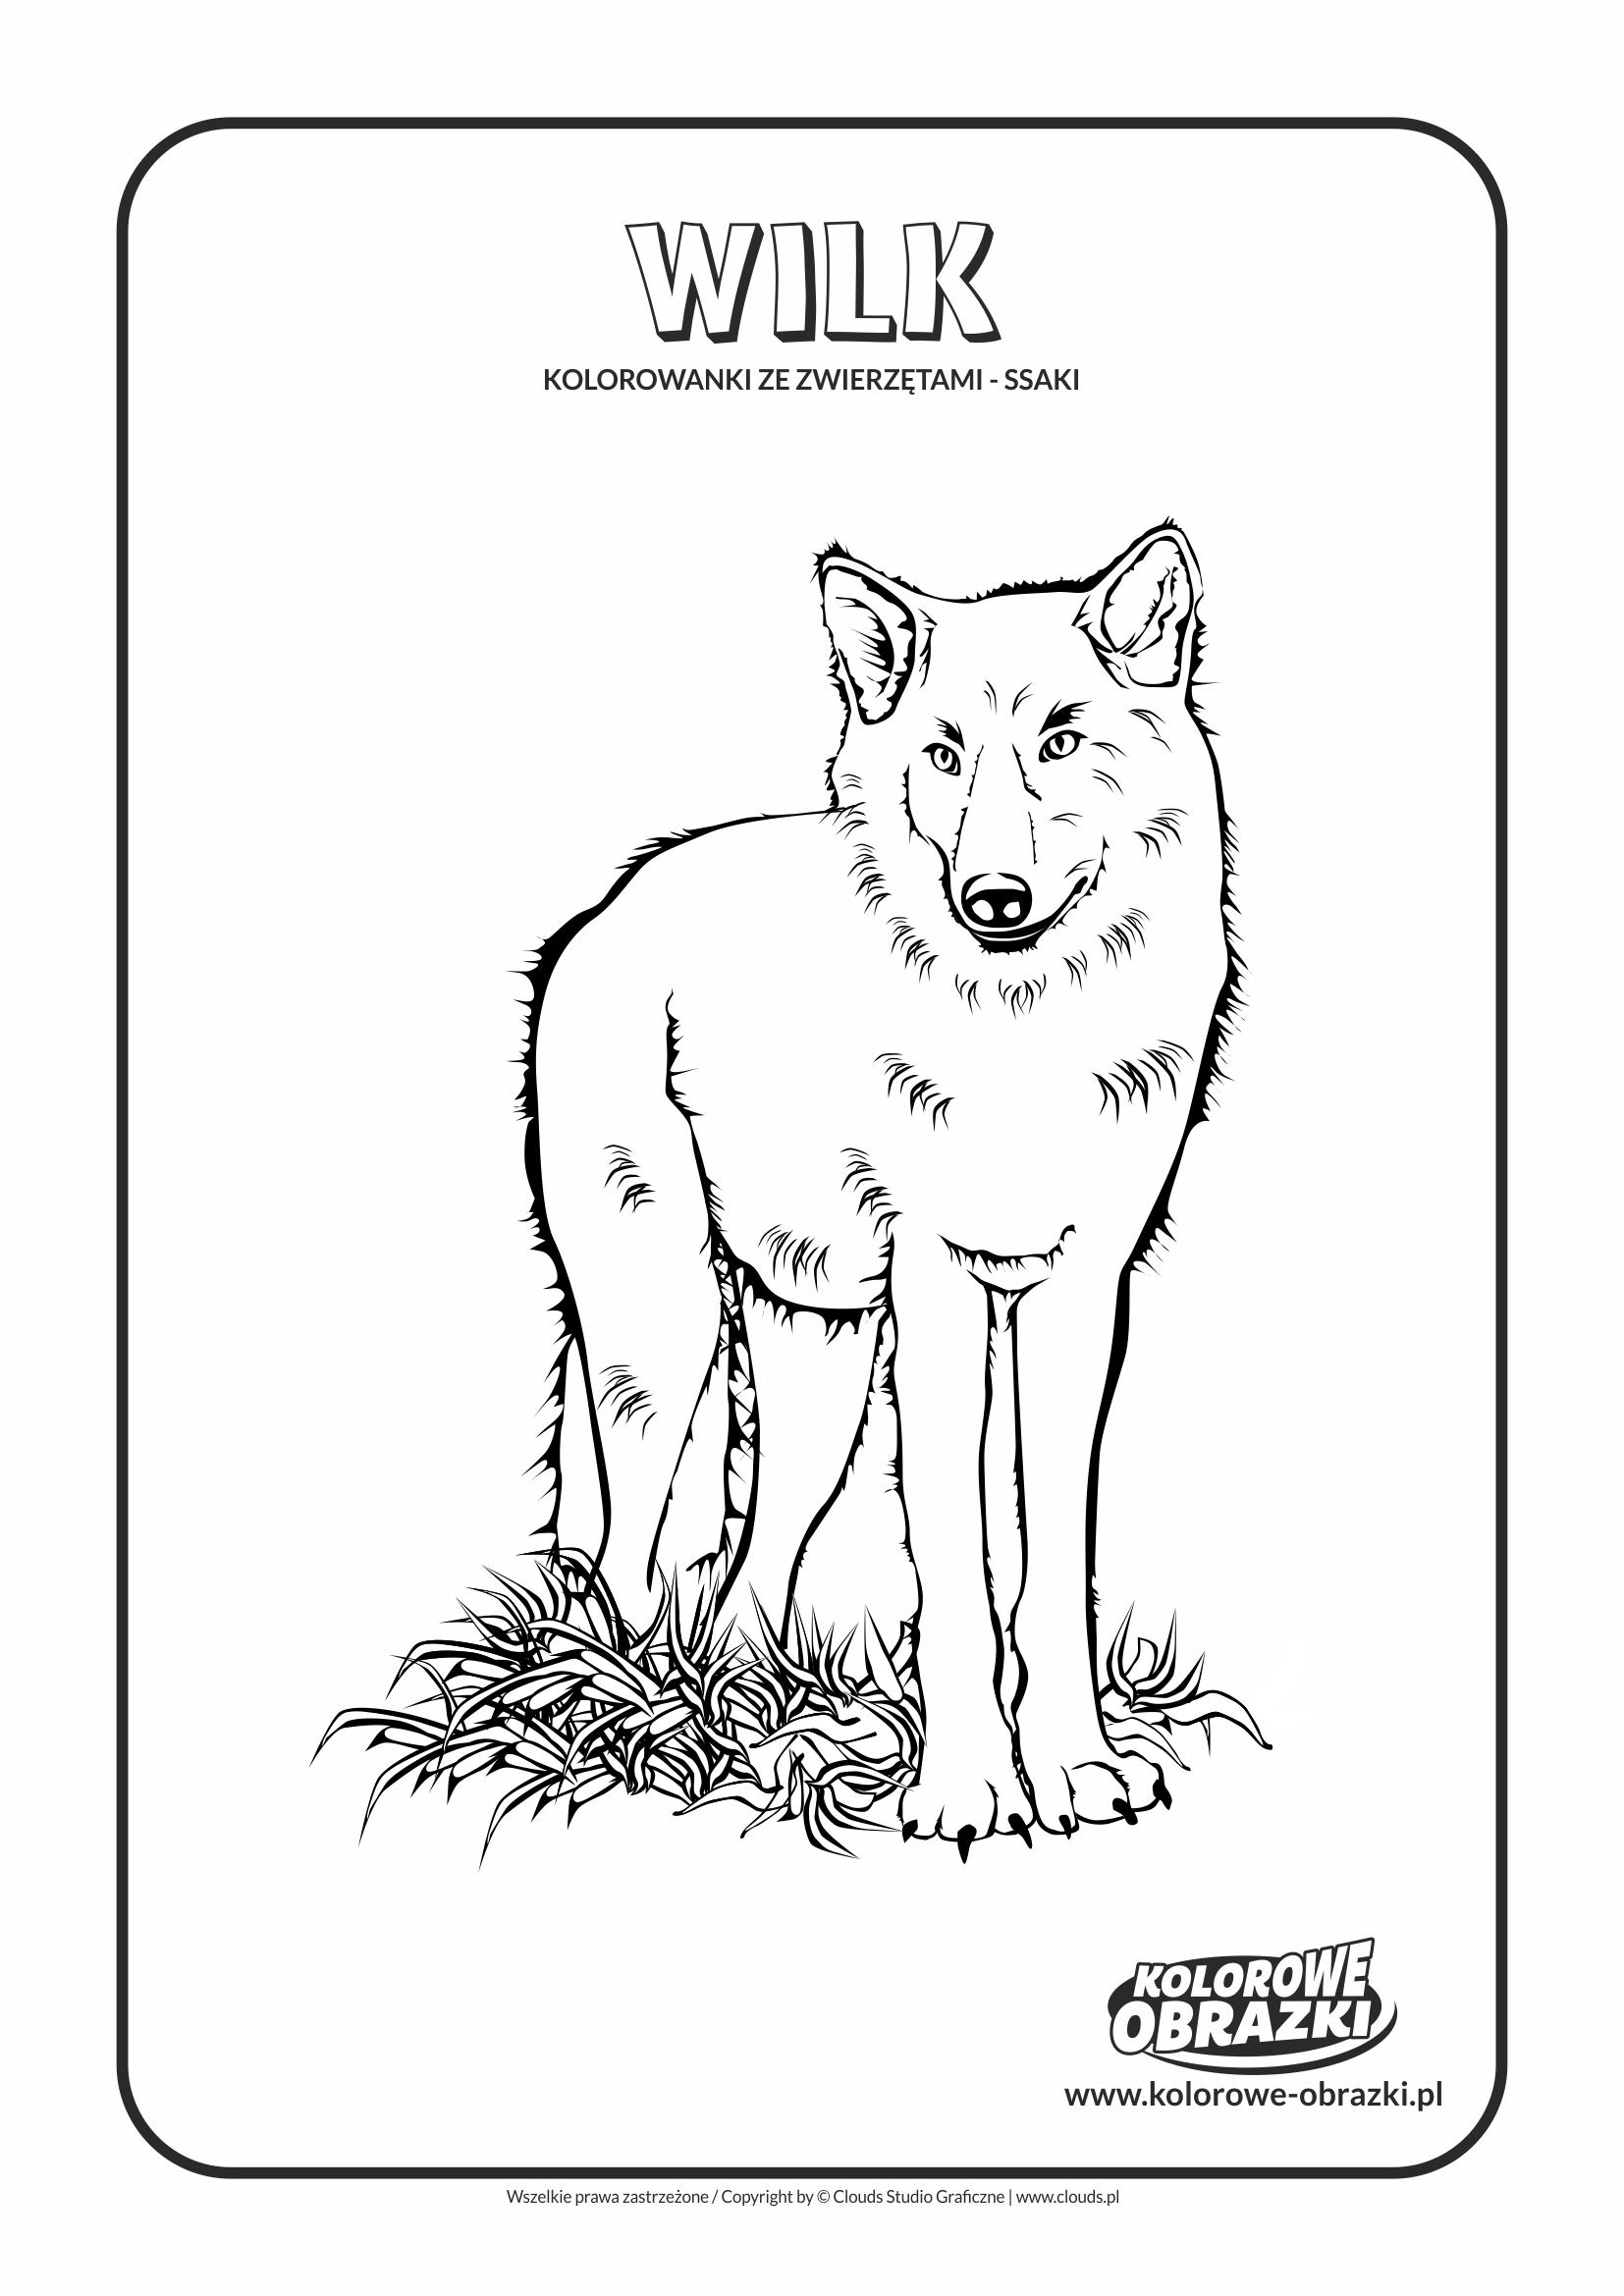 Kolorowanki dla dzieci - Zwierzęta / Wilk